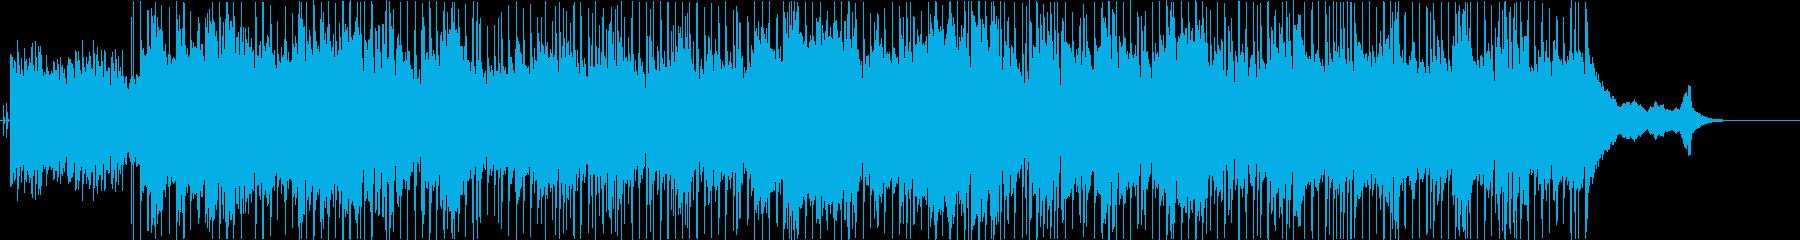 モーメントの再生済みの波形